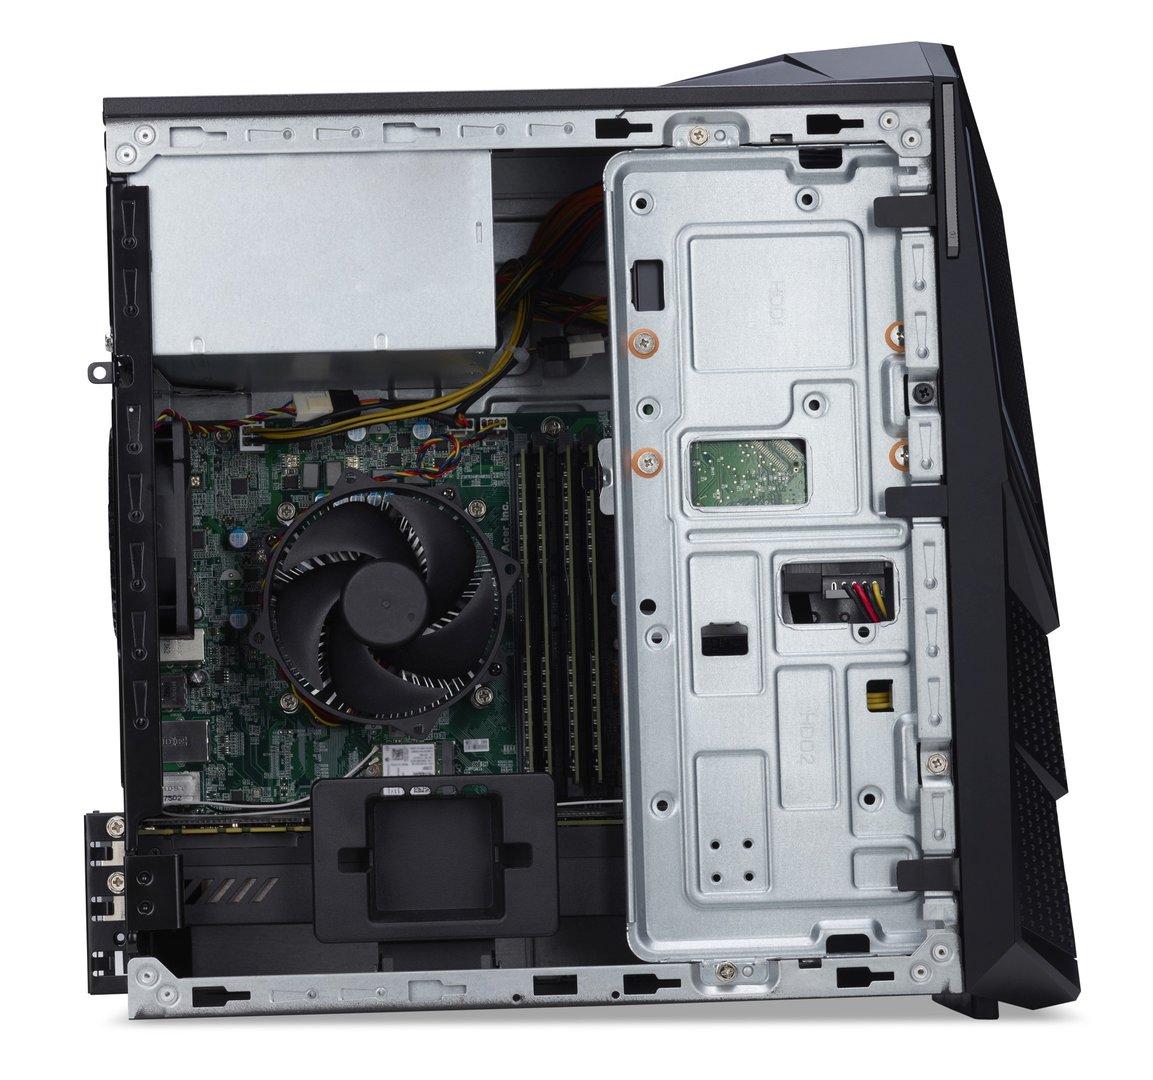 Acer Predator Orion 3000 (2018)